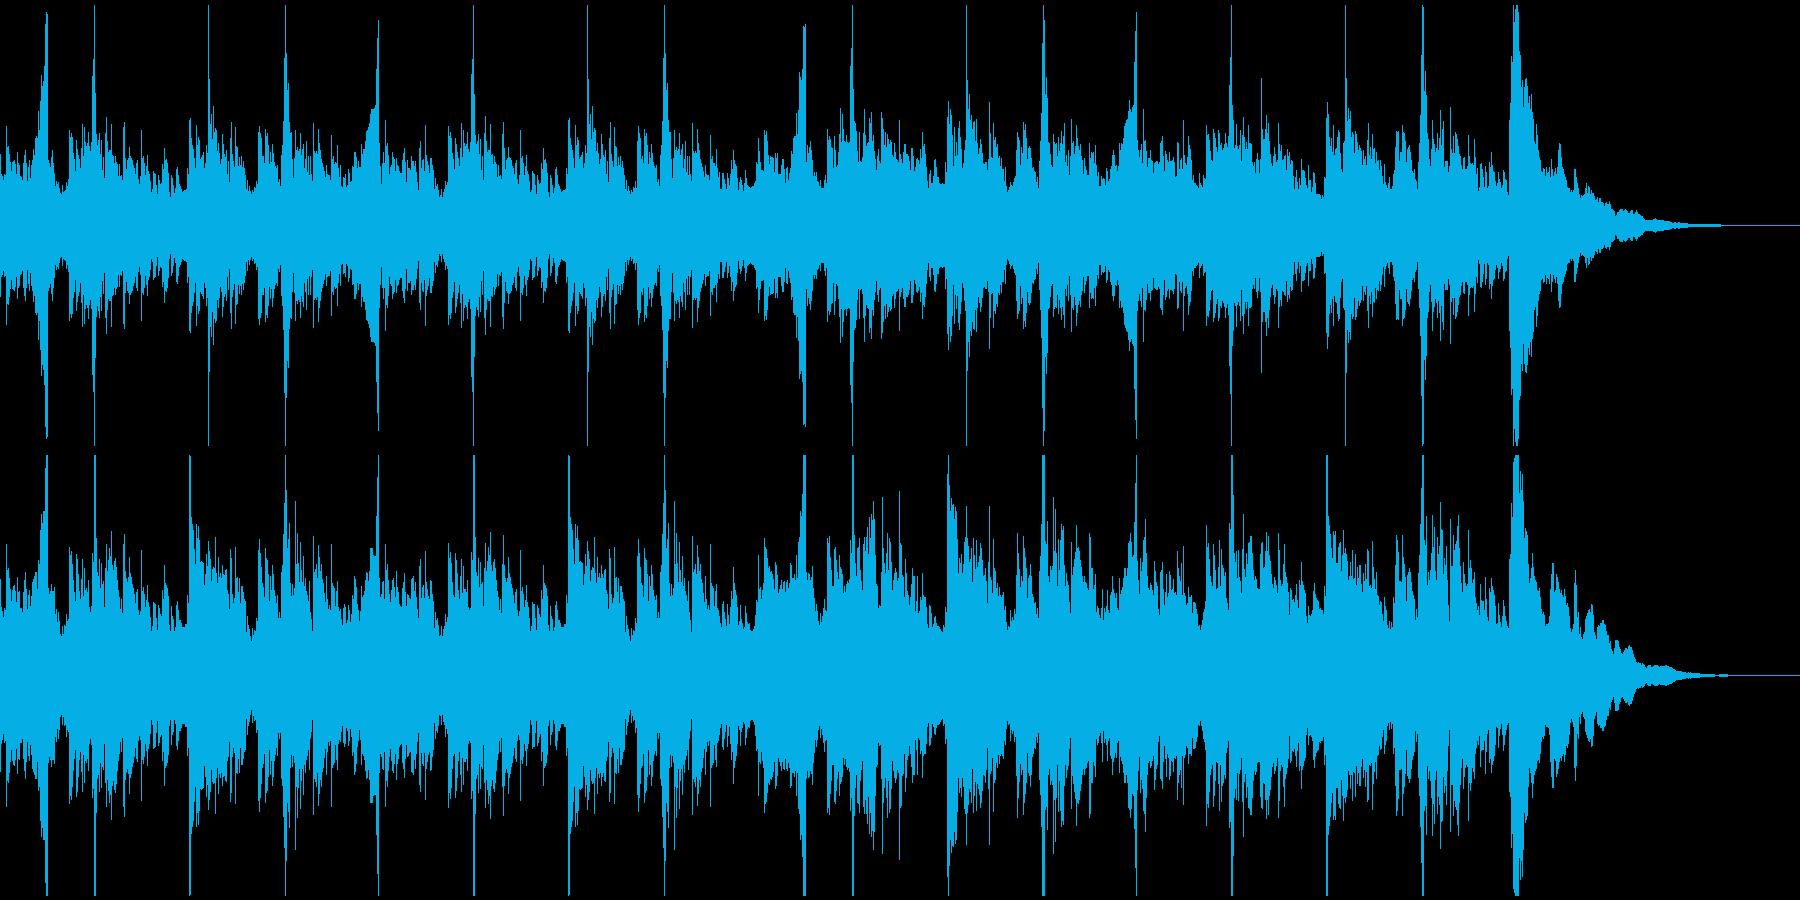 ギターを使用したみずみずしい楽曲です。の再生済みの波形